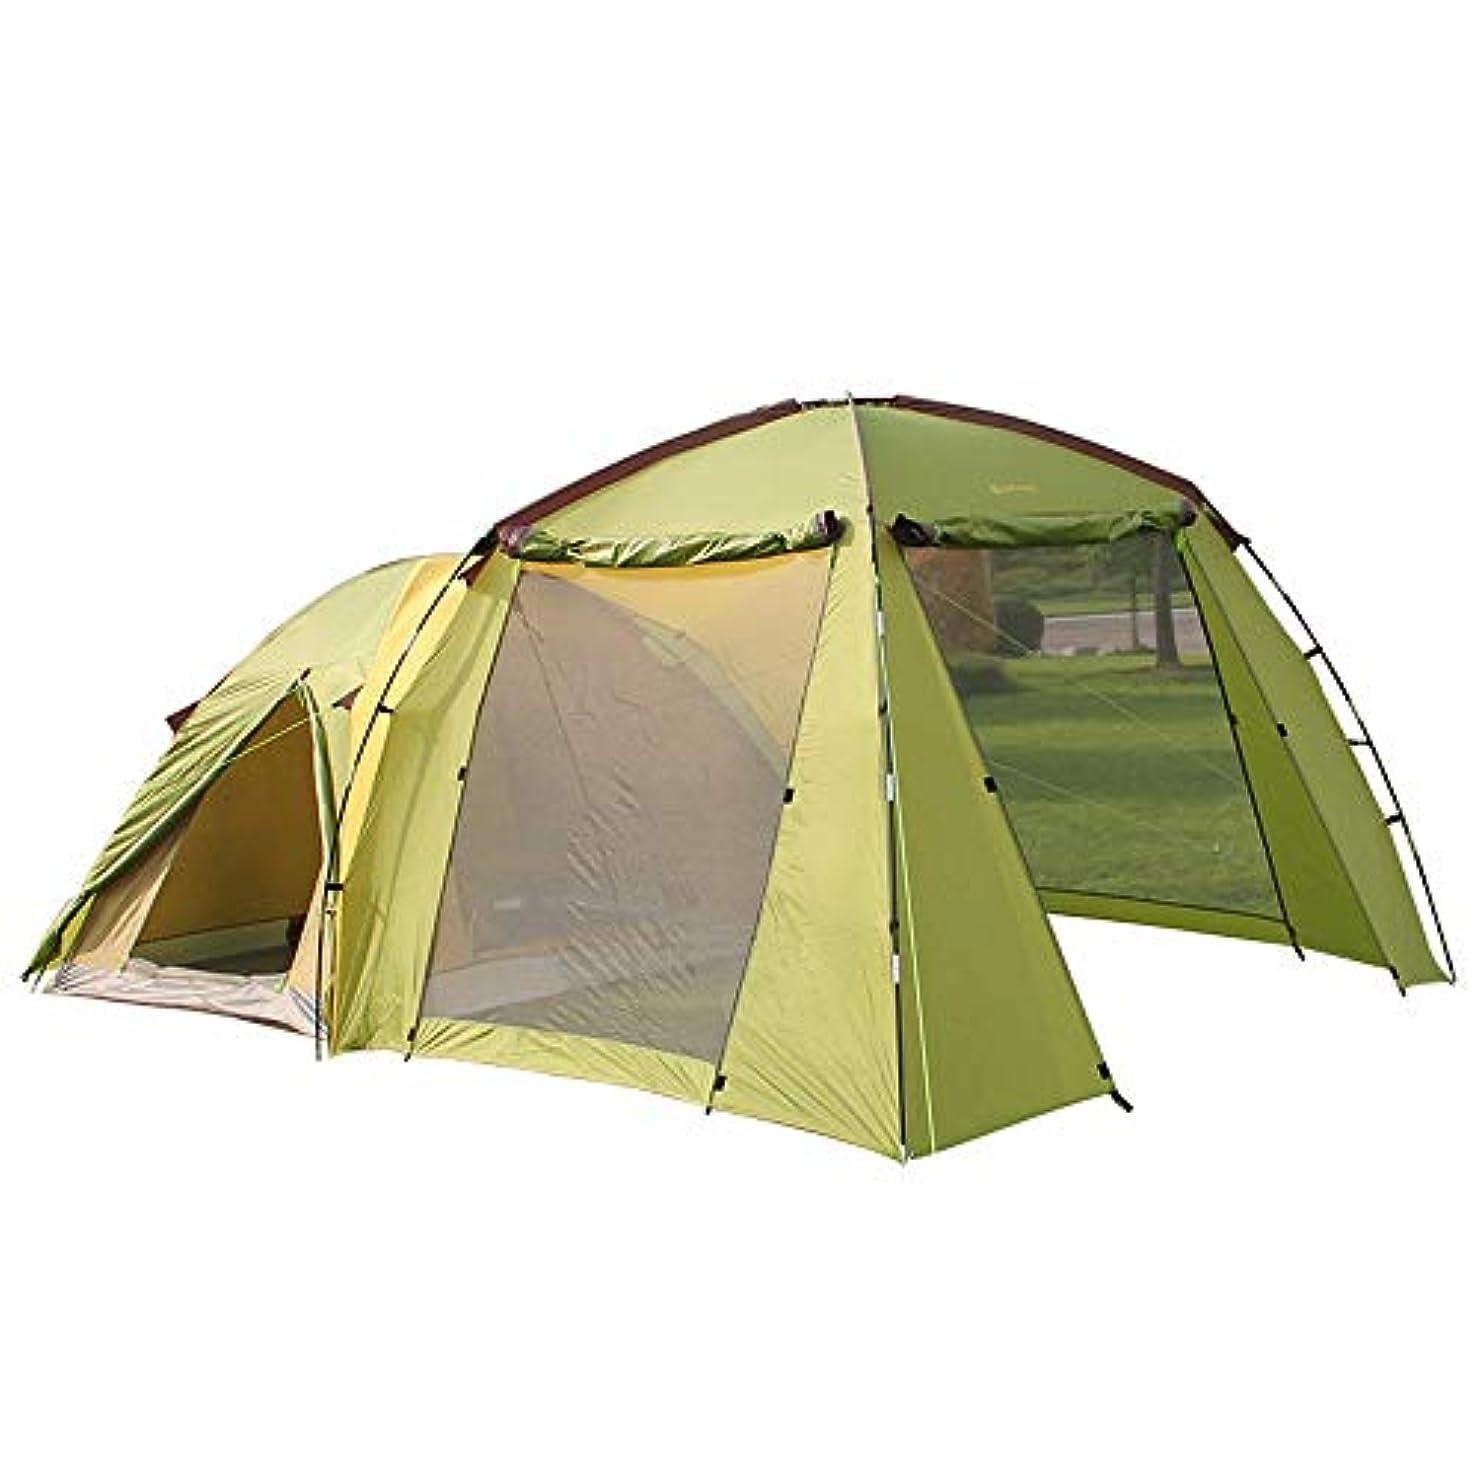 空中説得力のある寸前KYAWJY 屋外のキャンプハイキングテント二重層多人数5-6人のテント